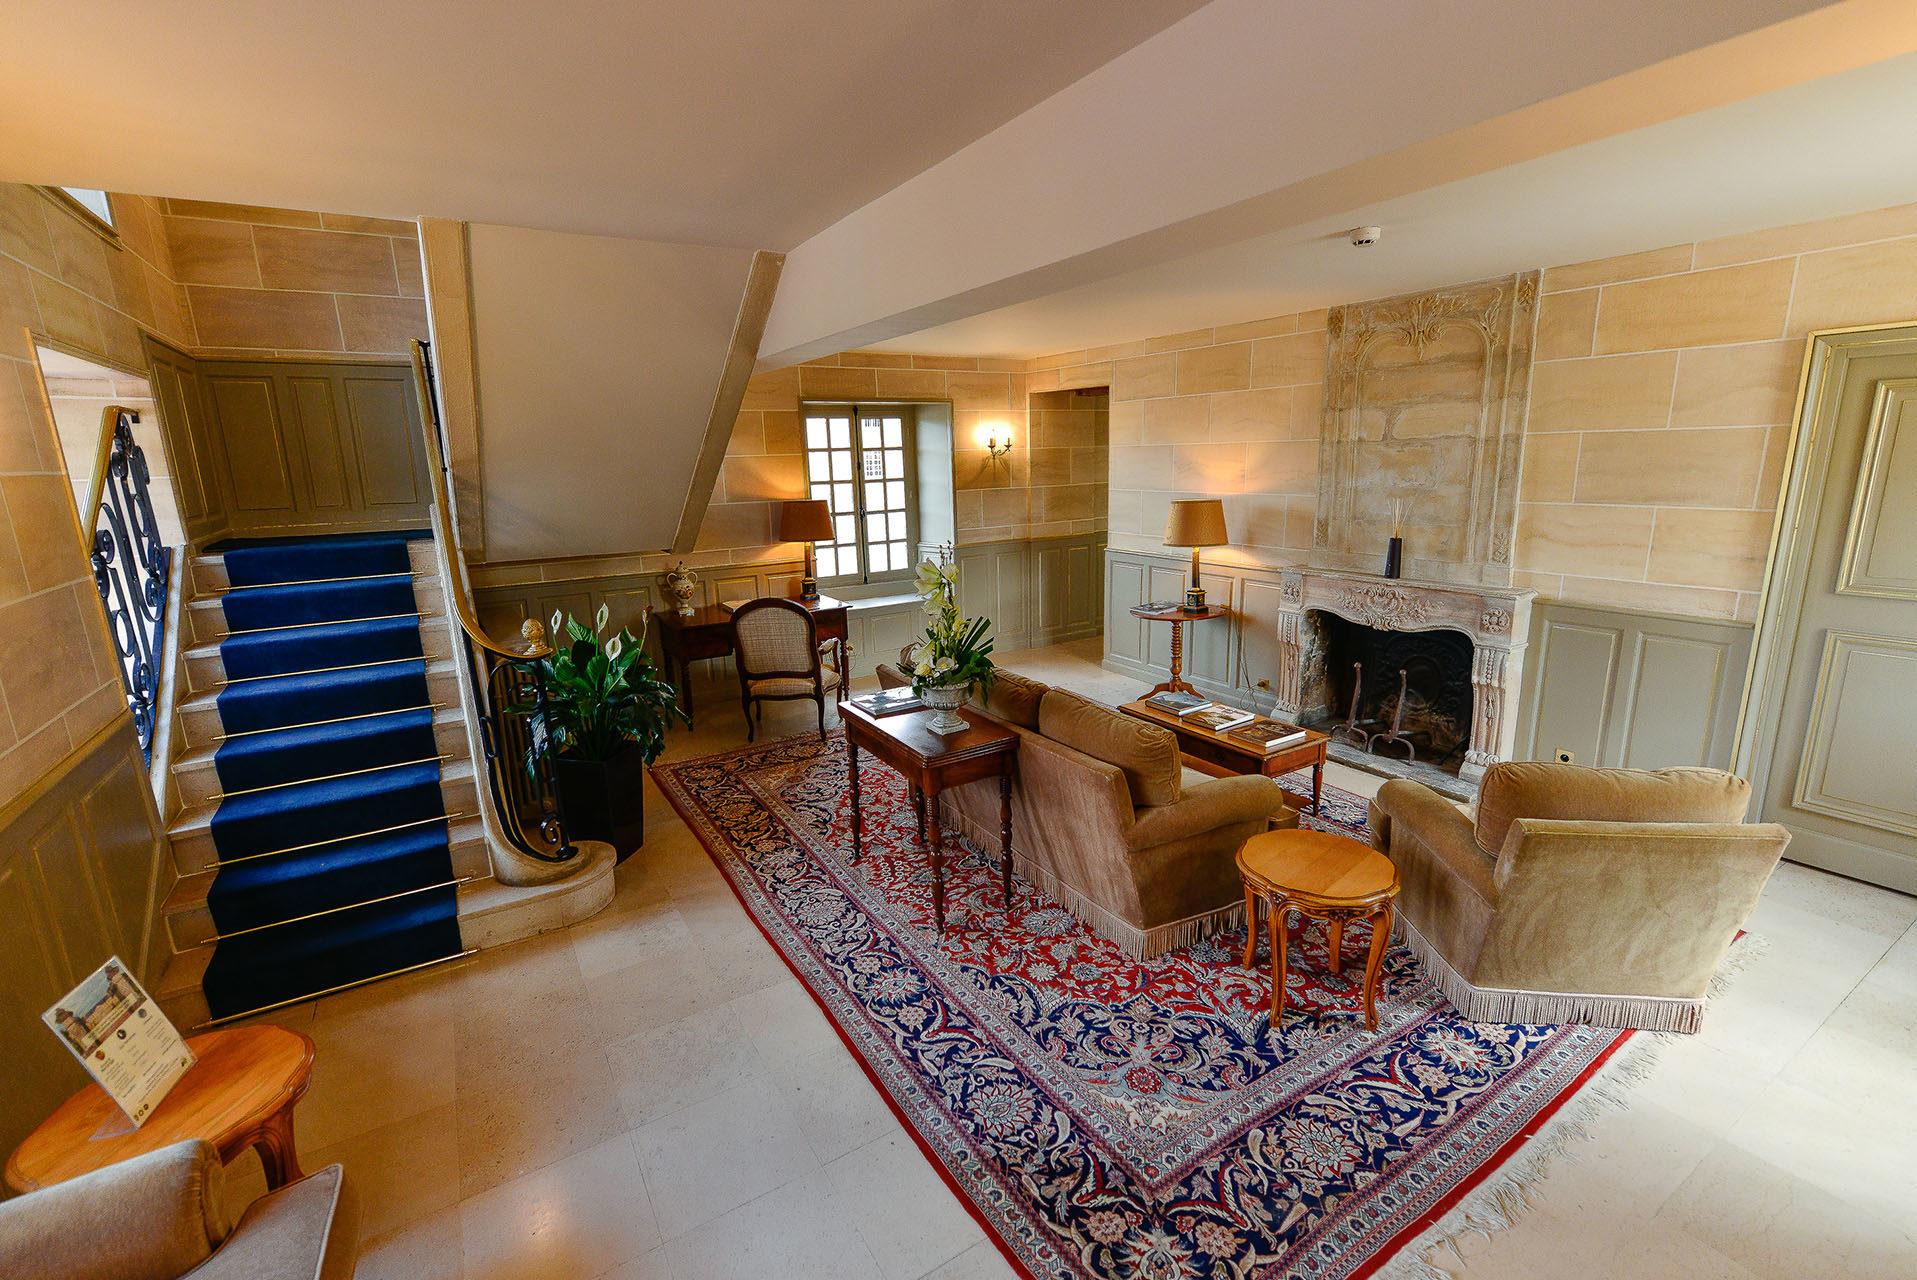 photographe-ile-de-france-corporate-resort-hotellerie-paris